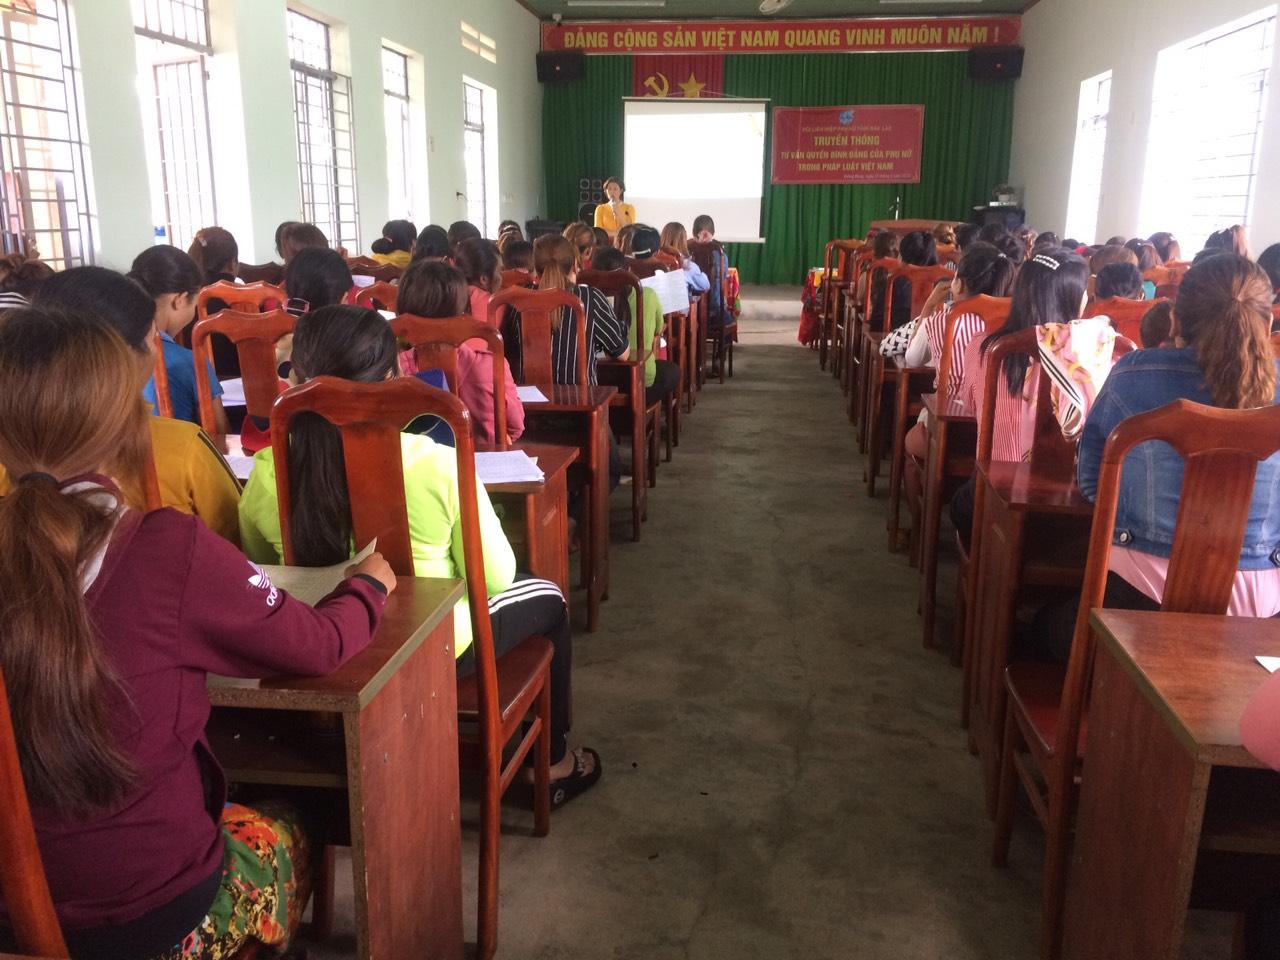 Truyền thông, tư vấn quyền bình đẳng của phụ nữ, quyền trẻ em trong pháp luật Việt Nam năm 2020